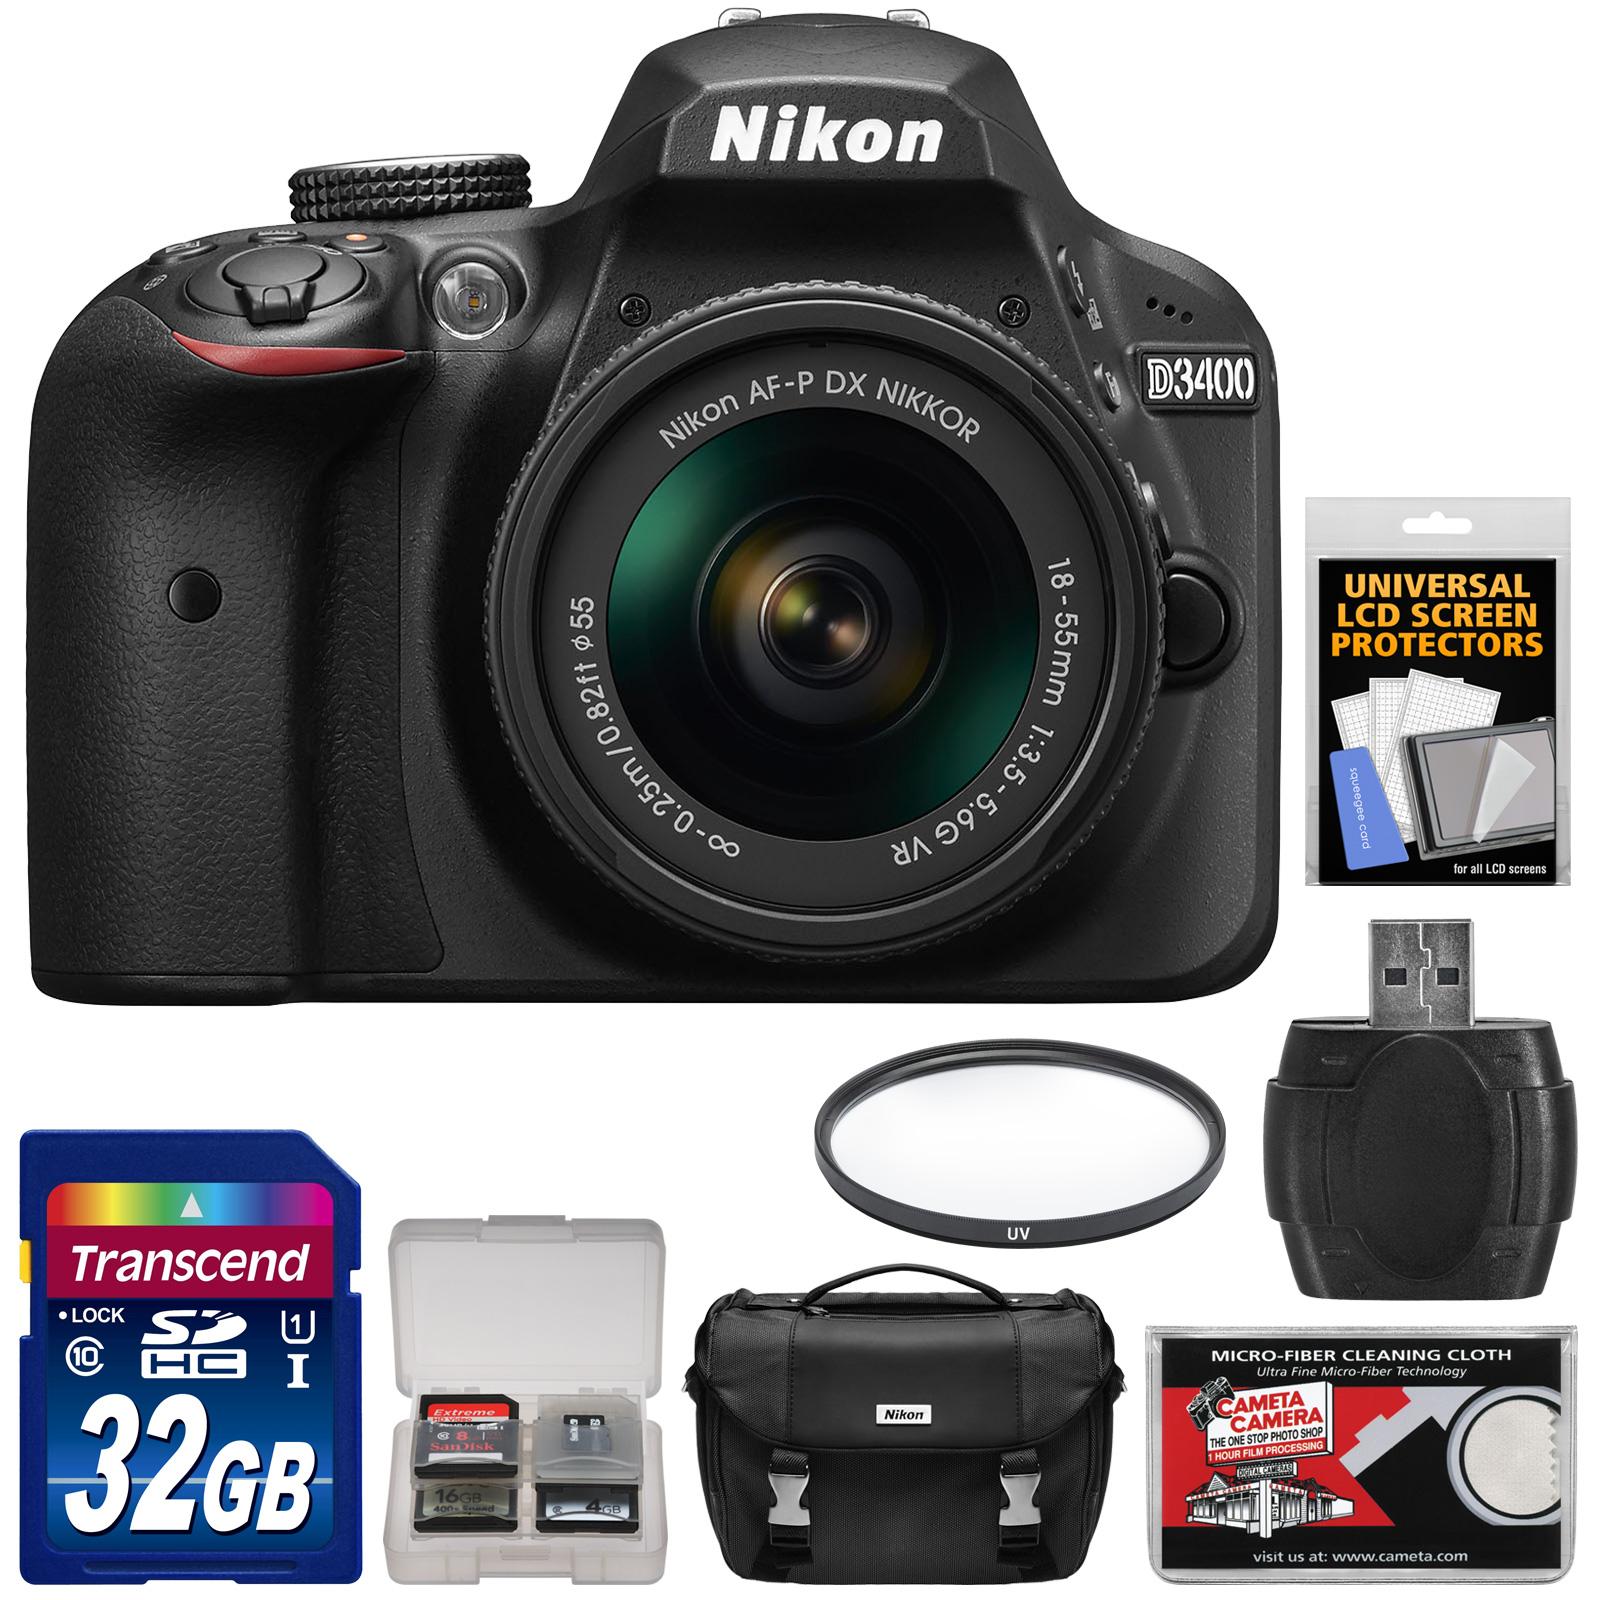 Nikon D3400 Digital SLR Camera & 18-55mm VR DX AF-P Zoom Lens (Black) - Refurbished with 32GB Card + Case + Reader + Filter + Kit